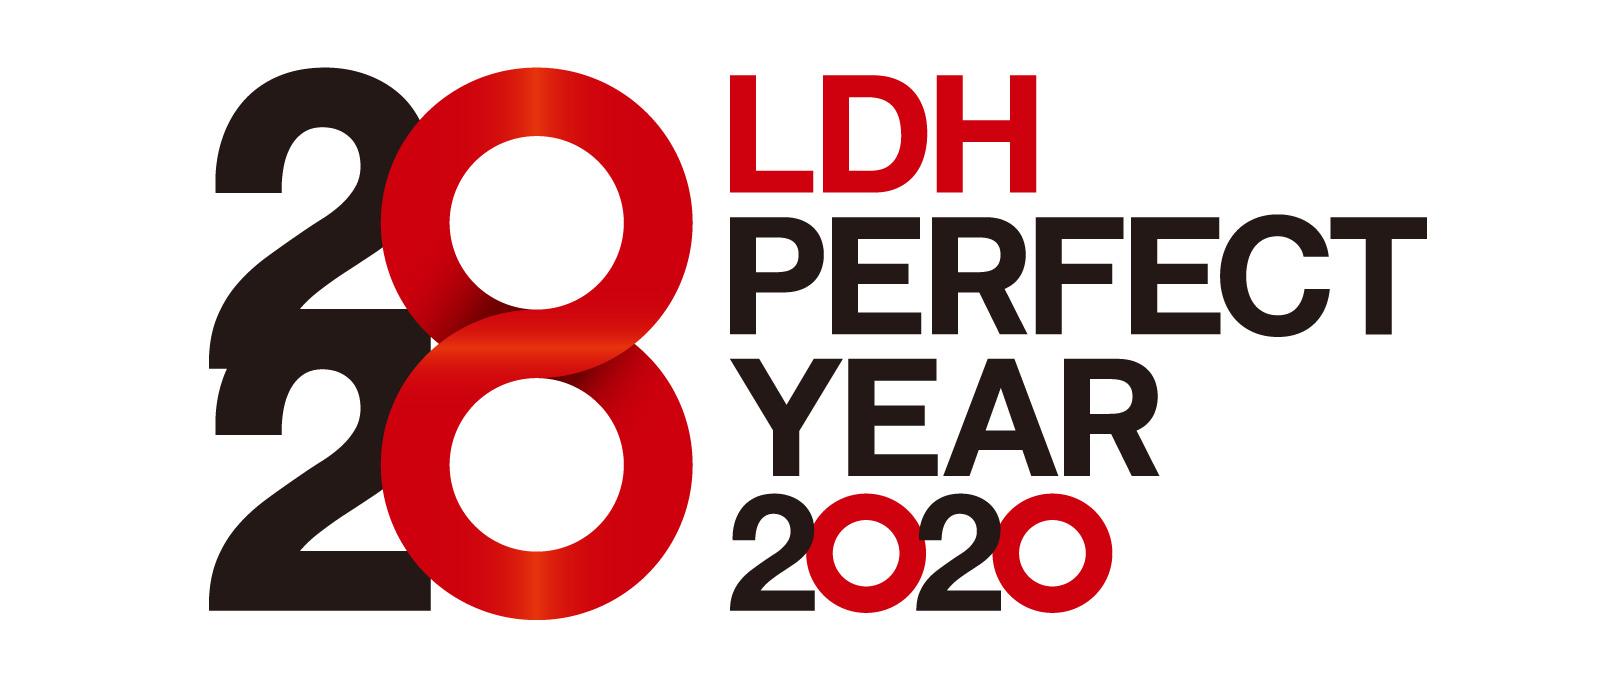 A Perfect Circle Tour 2020.Ldh Perfect Year 2020 Ldh Wiki Fandom